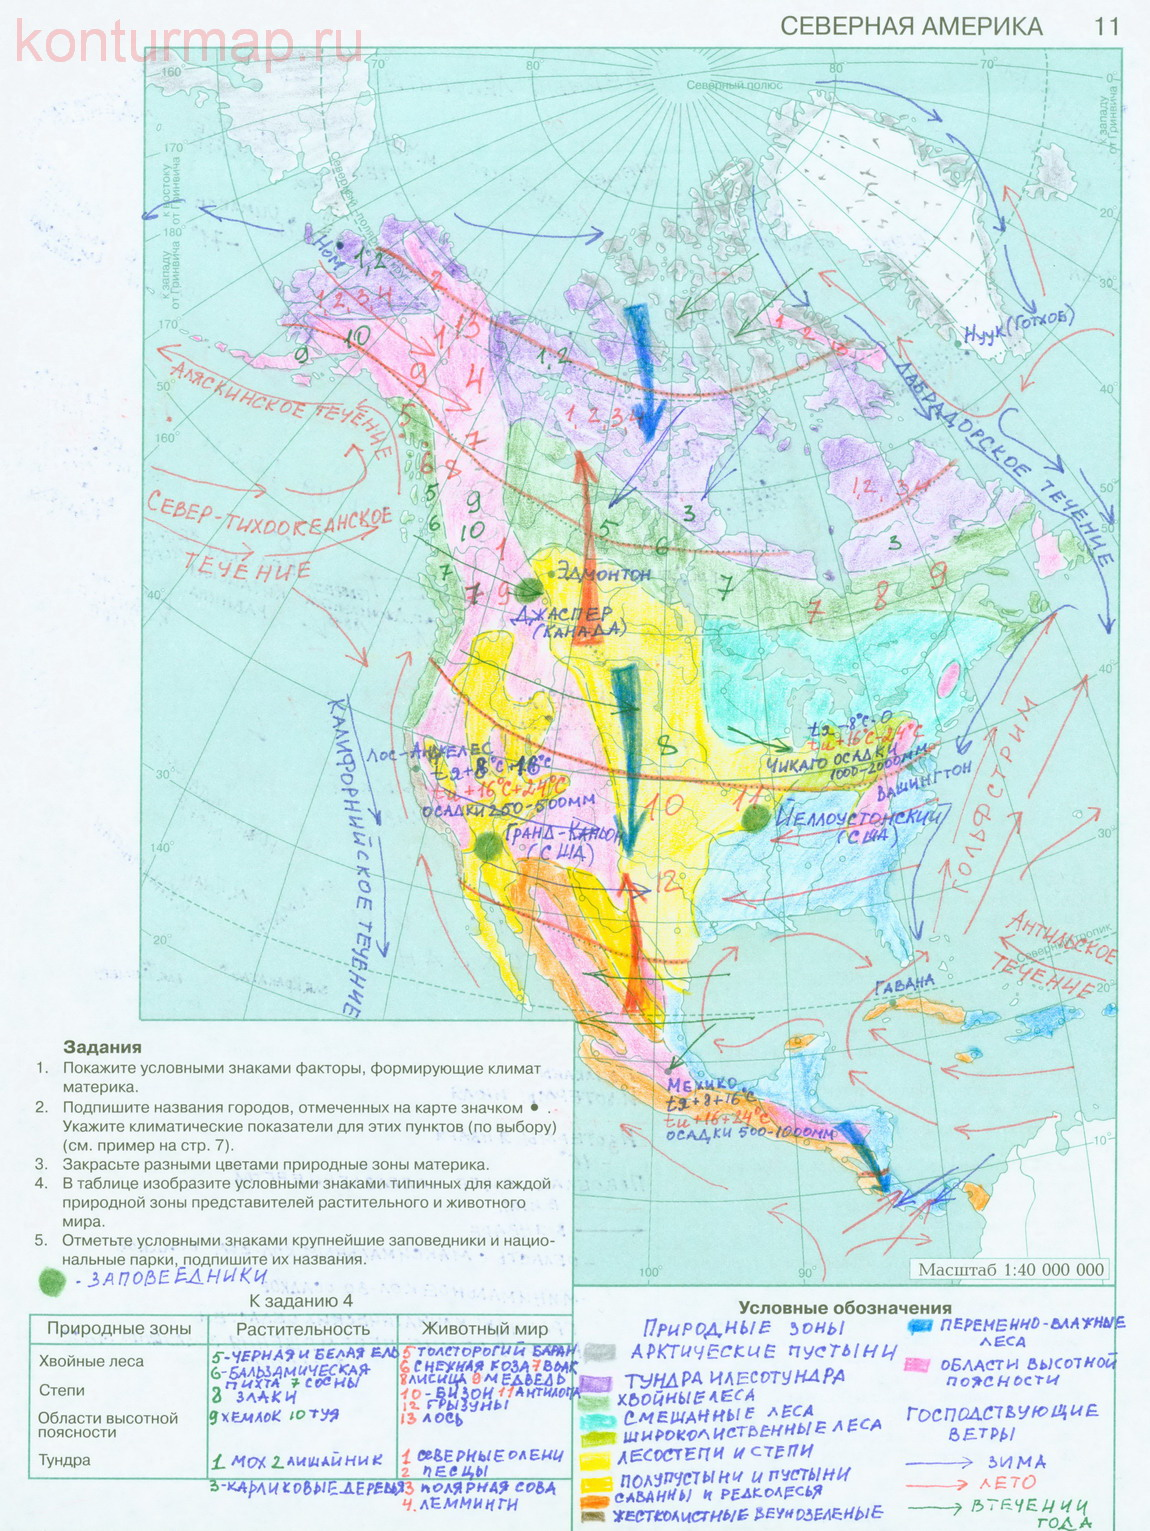 Контурная карта 7 класс по географии природные зоны африки